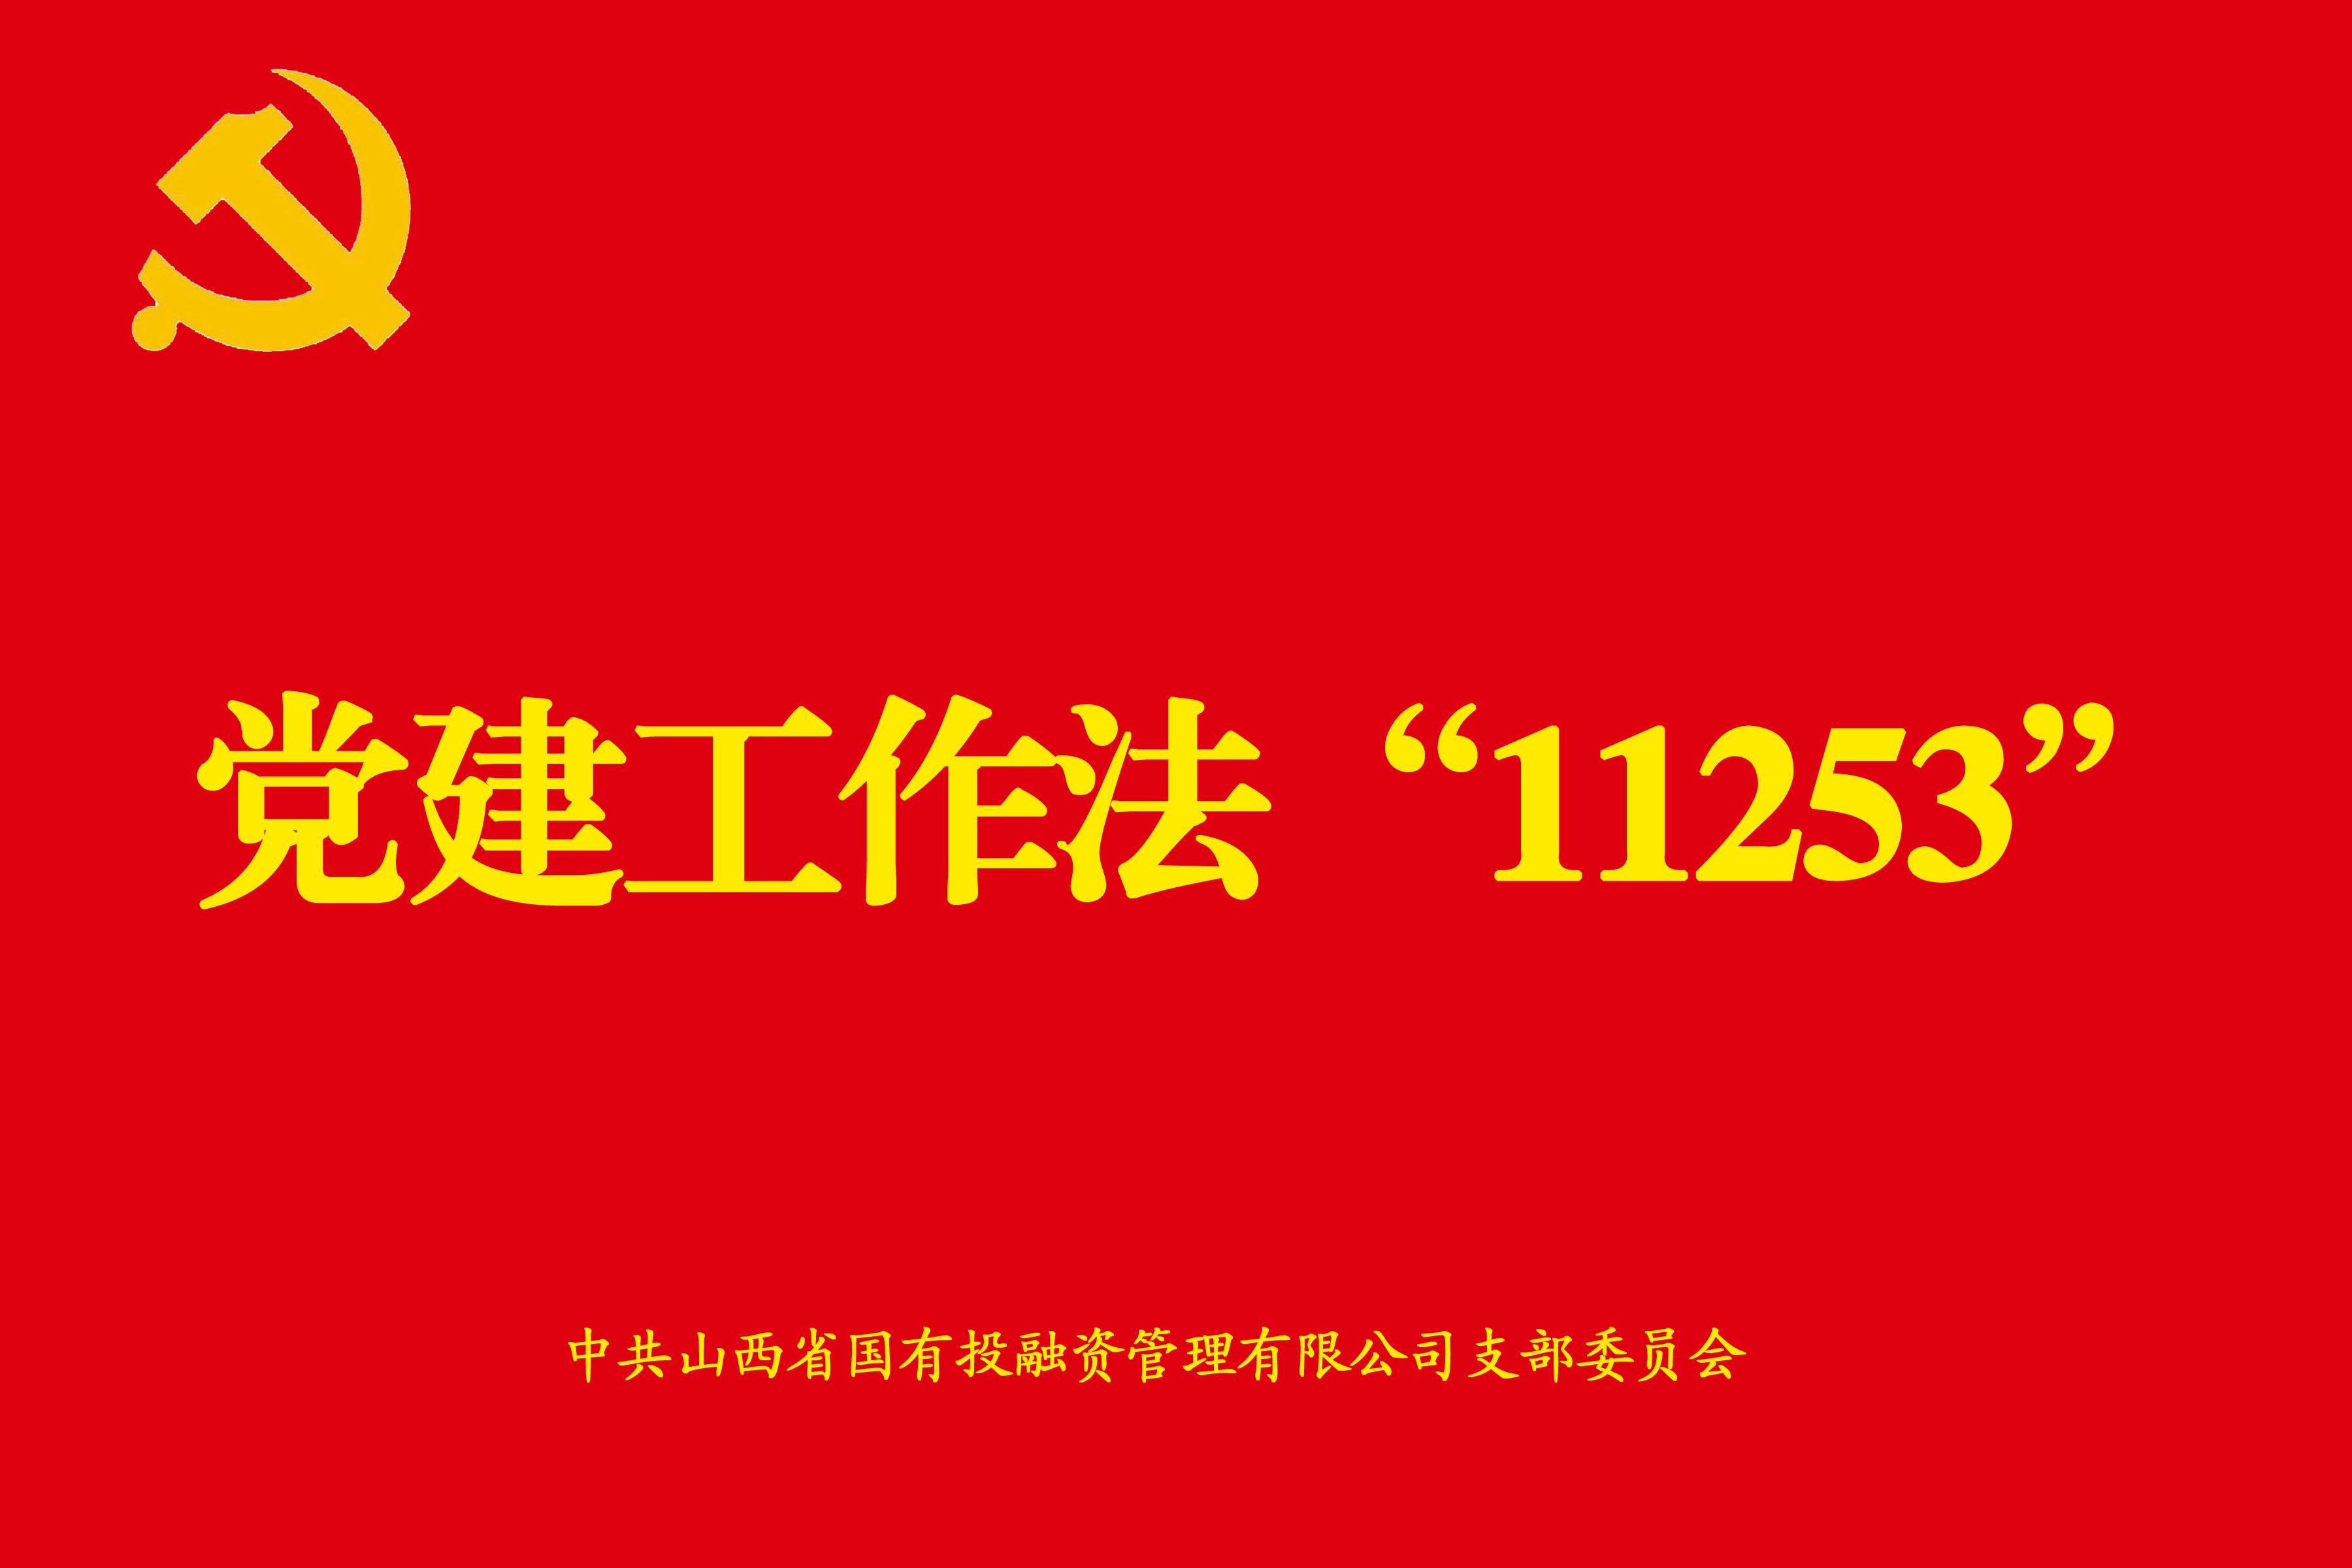 雷竞技电竞雷竞技app雷竞技官网管理有限公司创建党建工作法:11253